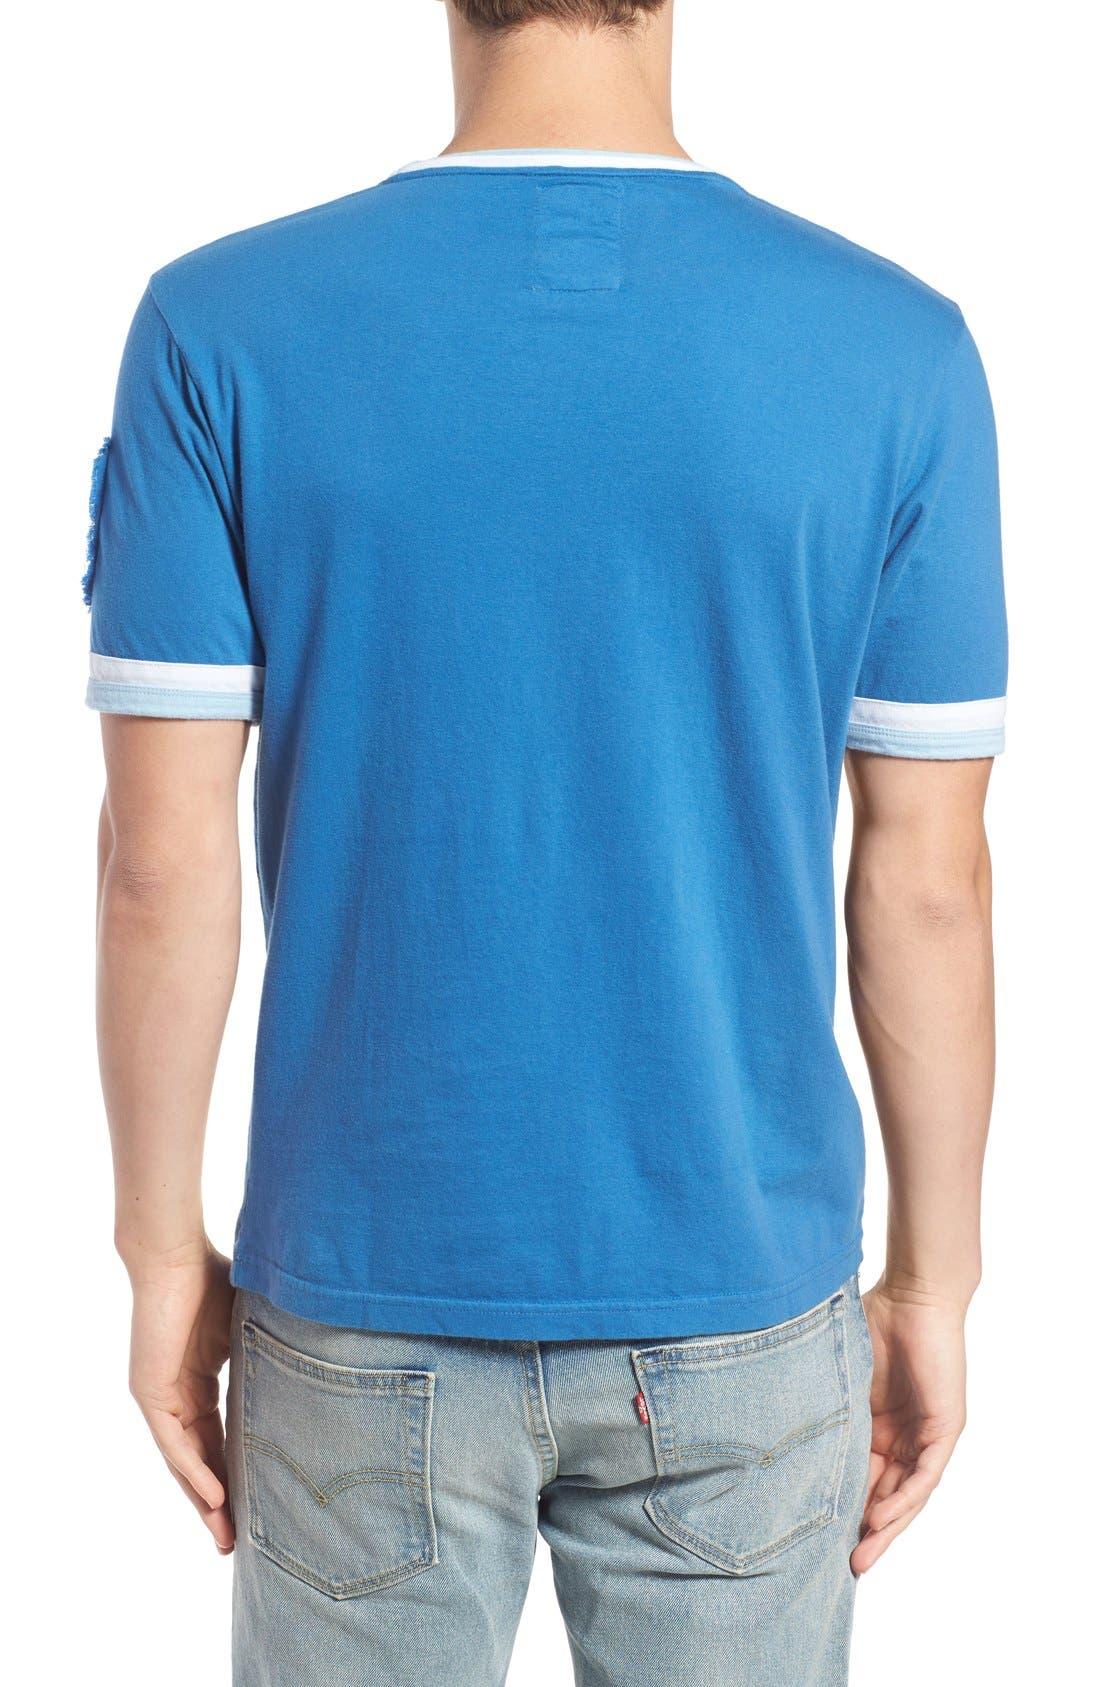 'Kansas City Royals - Remote Control' Trim Fit T-Shirt,                             Alternate thumbnail 2, color,                             450